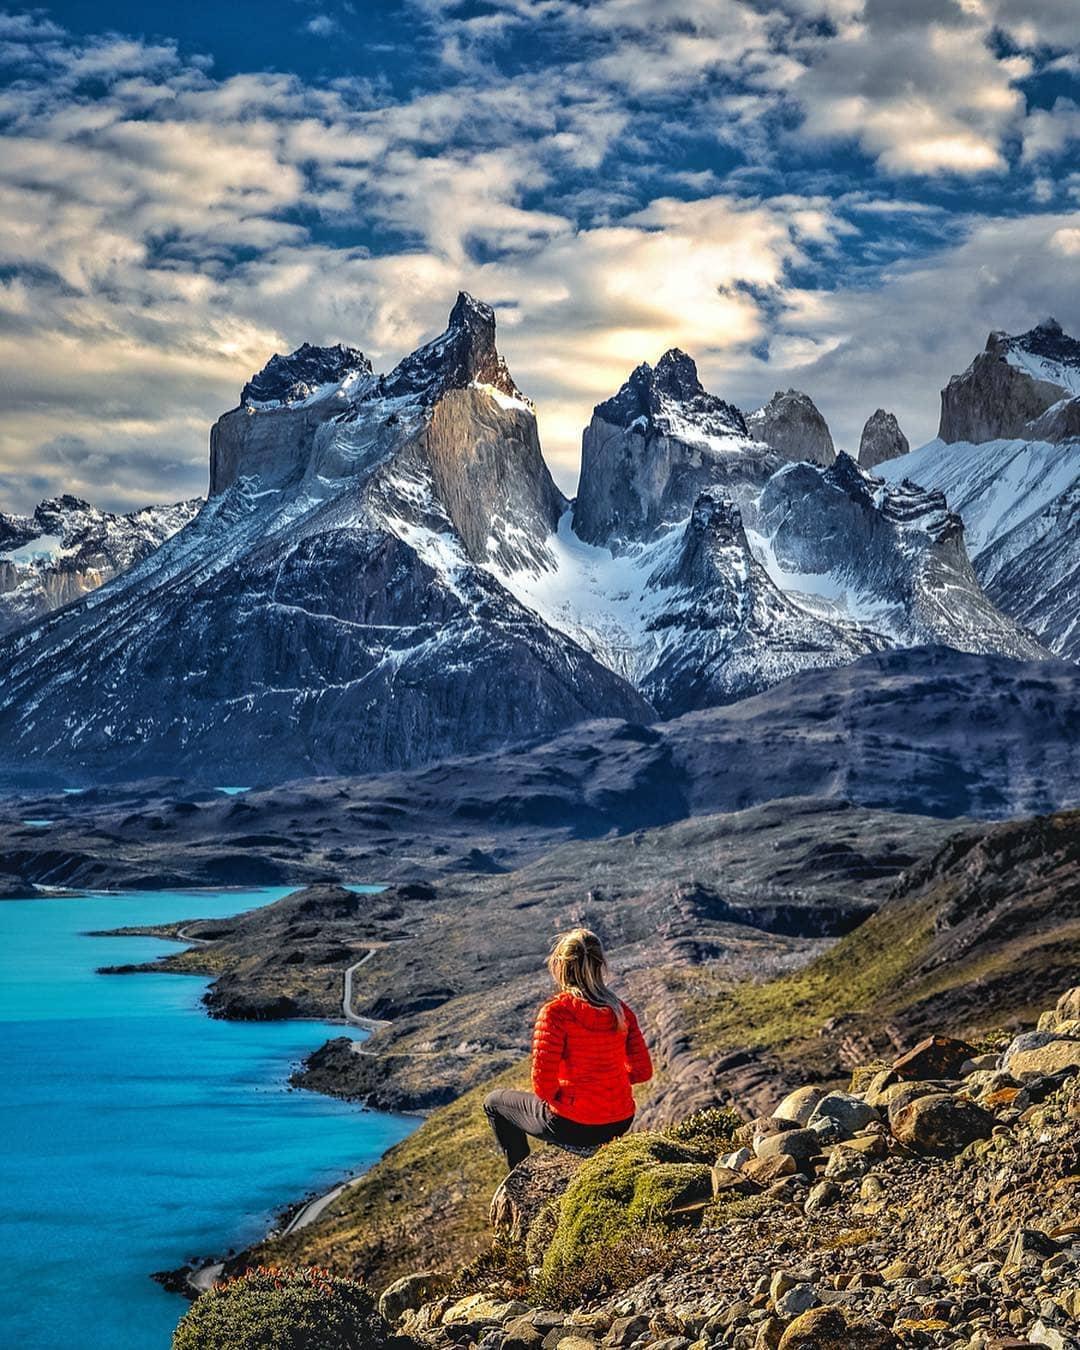 Mujer sentada contemplando el paisaje de las Torres del Paine